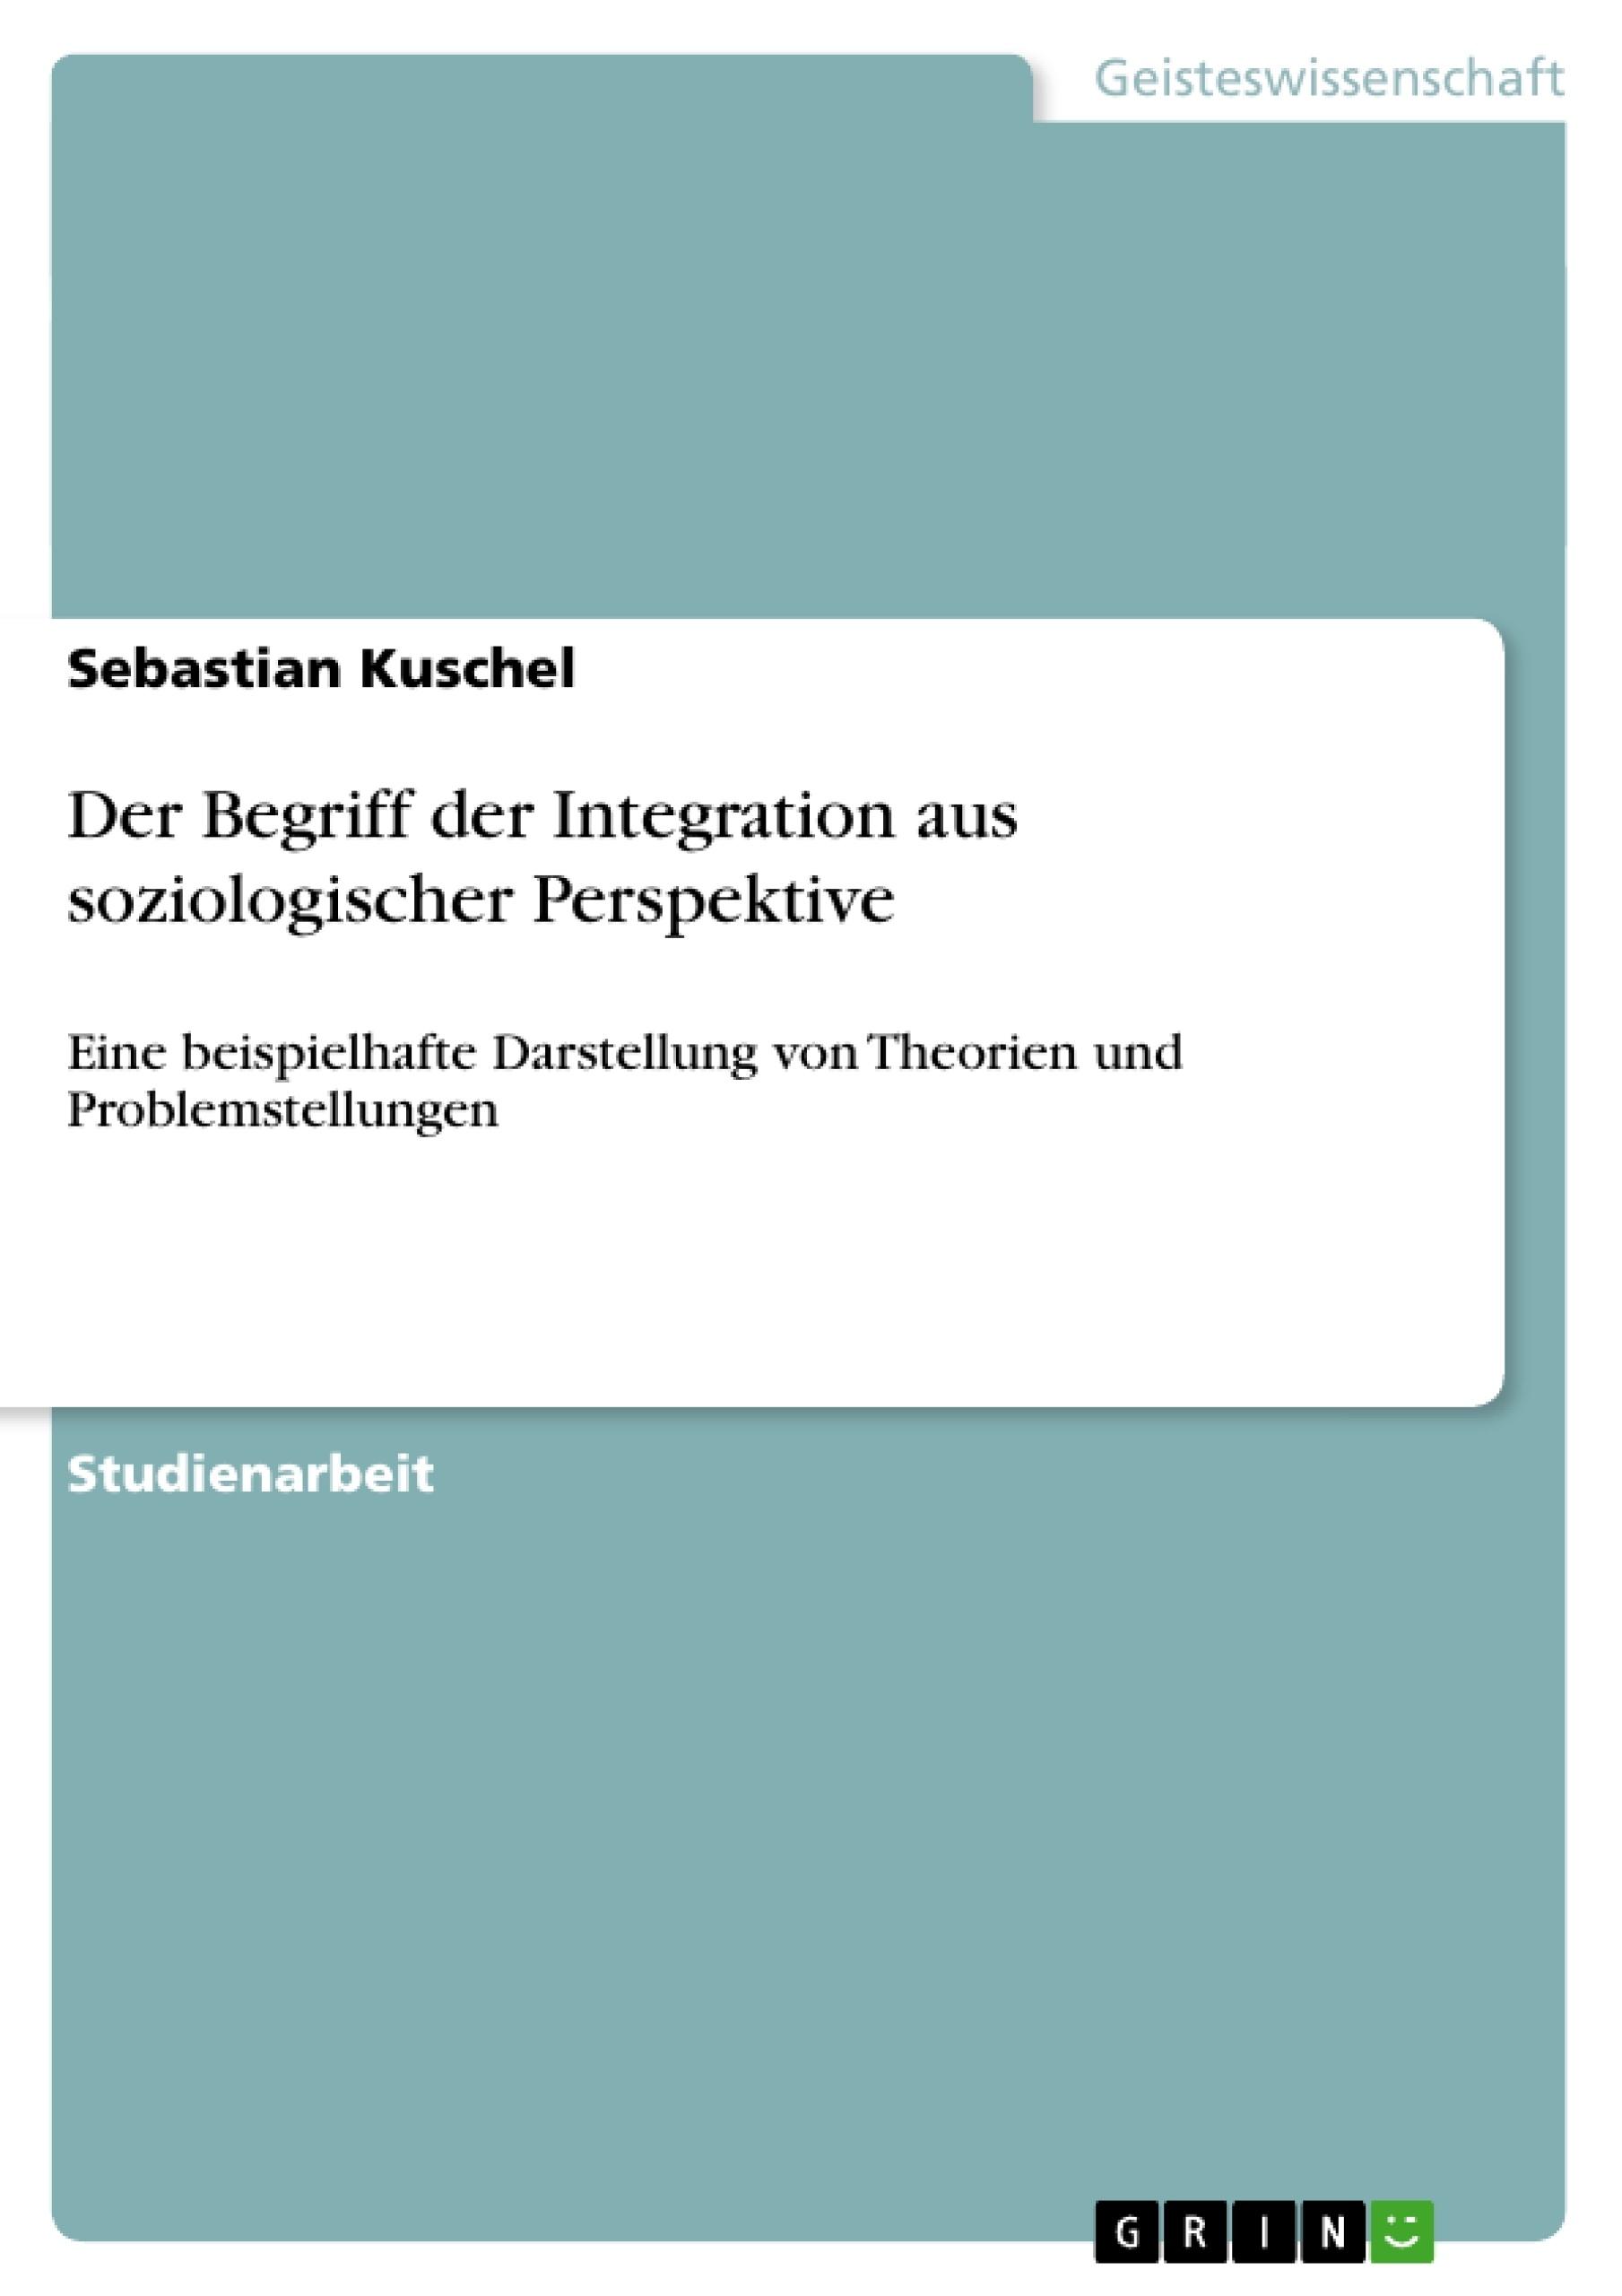 Titel: Der Begriff der Integration aus soziologischer Perspektive